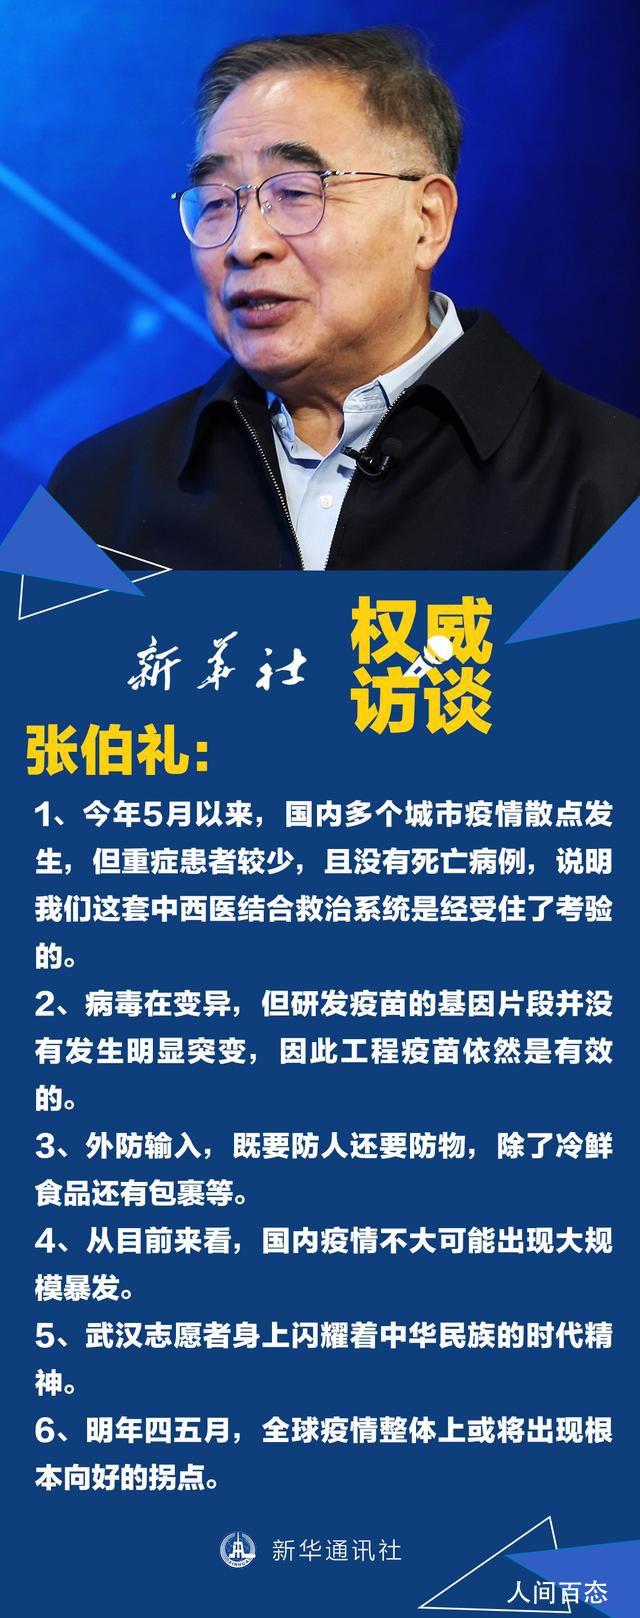 张伯礼:明年四五月疫情或现拐点 将出现根本向好的拐点